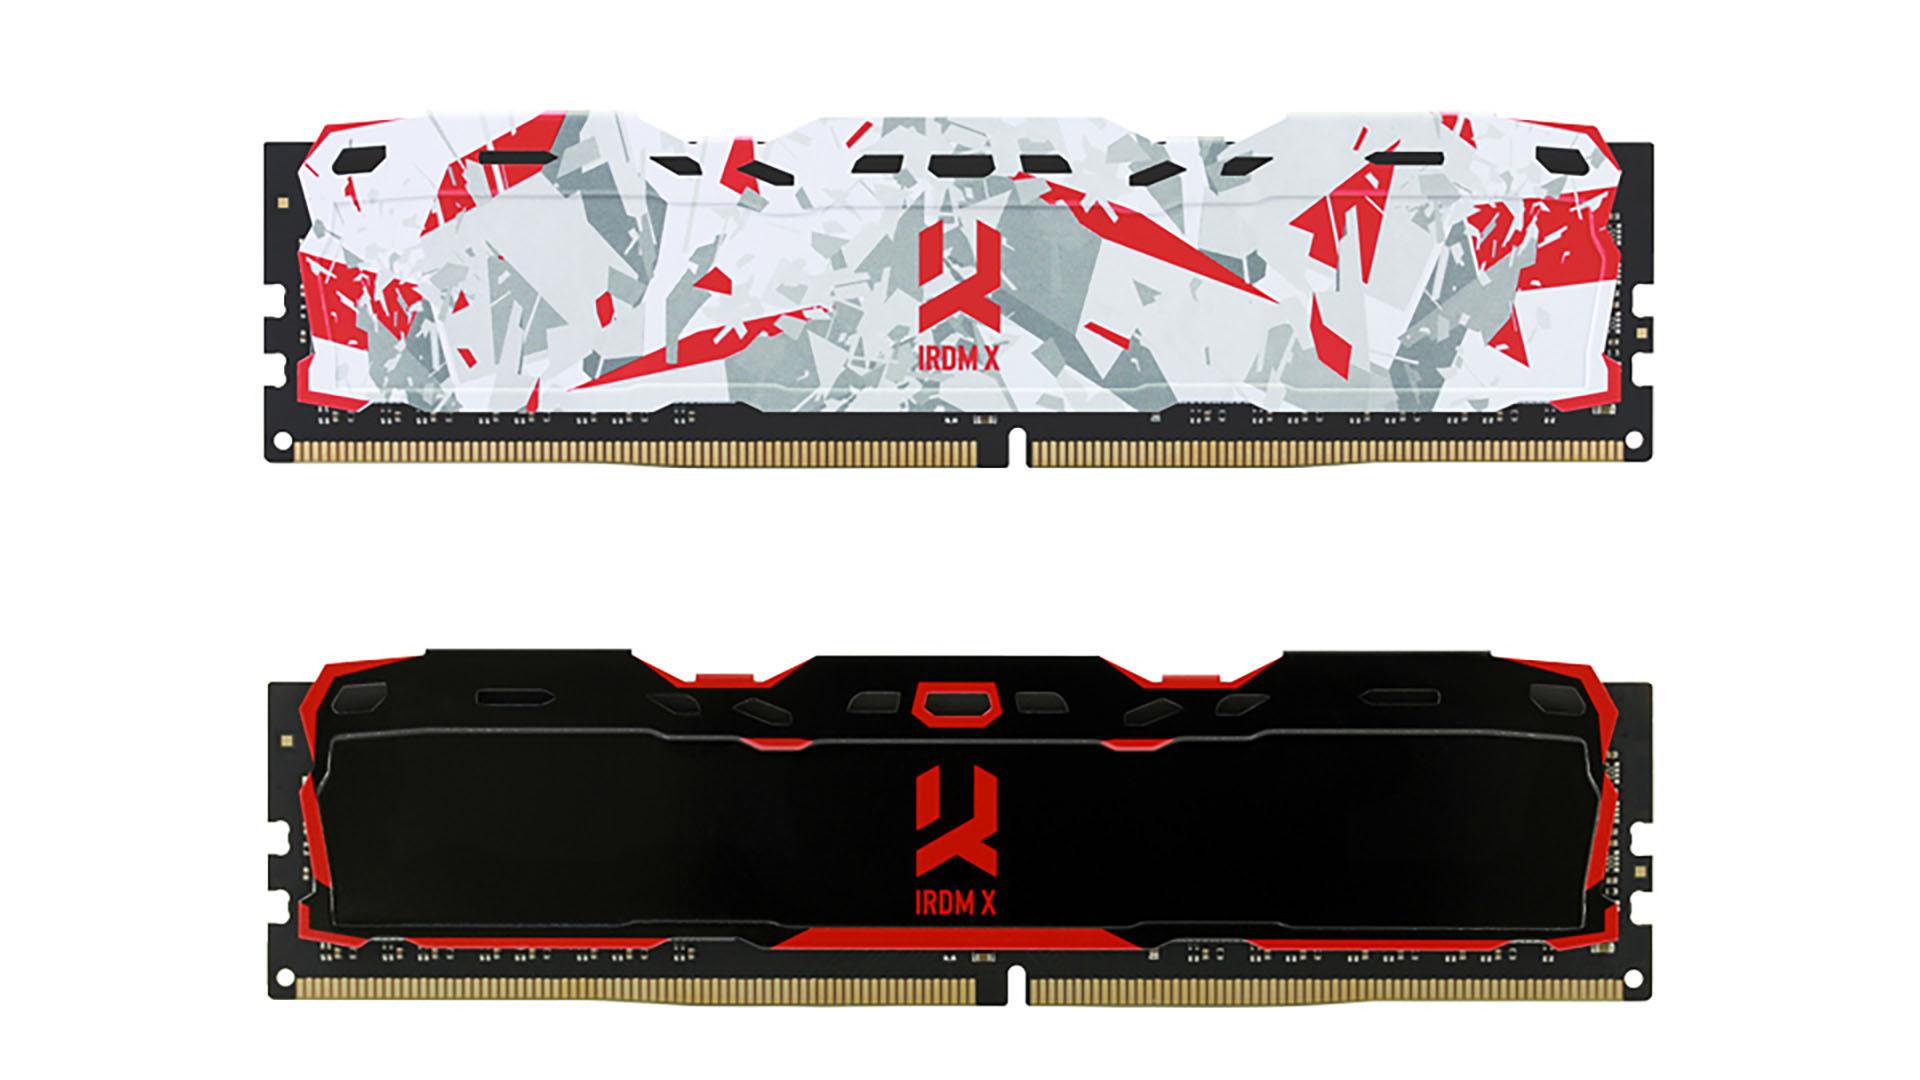 На иллюстрации отображён рендер модуля оперативной памяти GoodRAM IRDM X с разноцветным радиатором и радиатором чёрного цвета